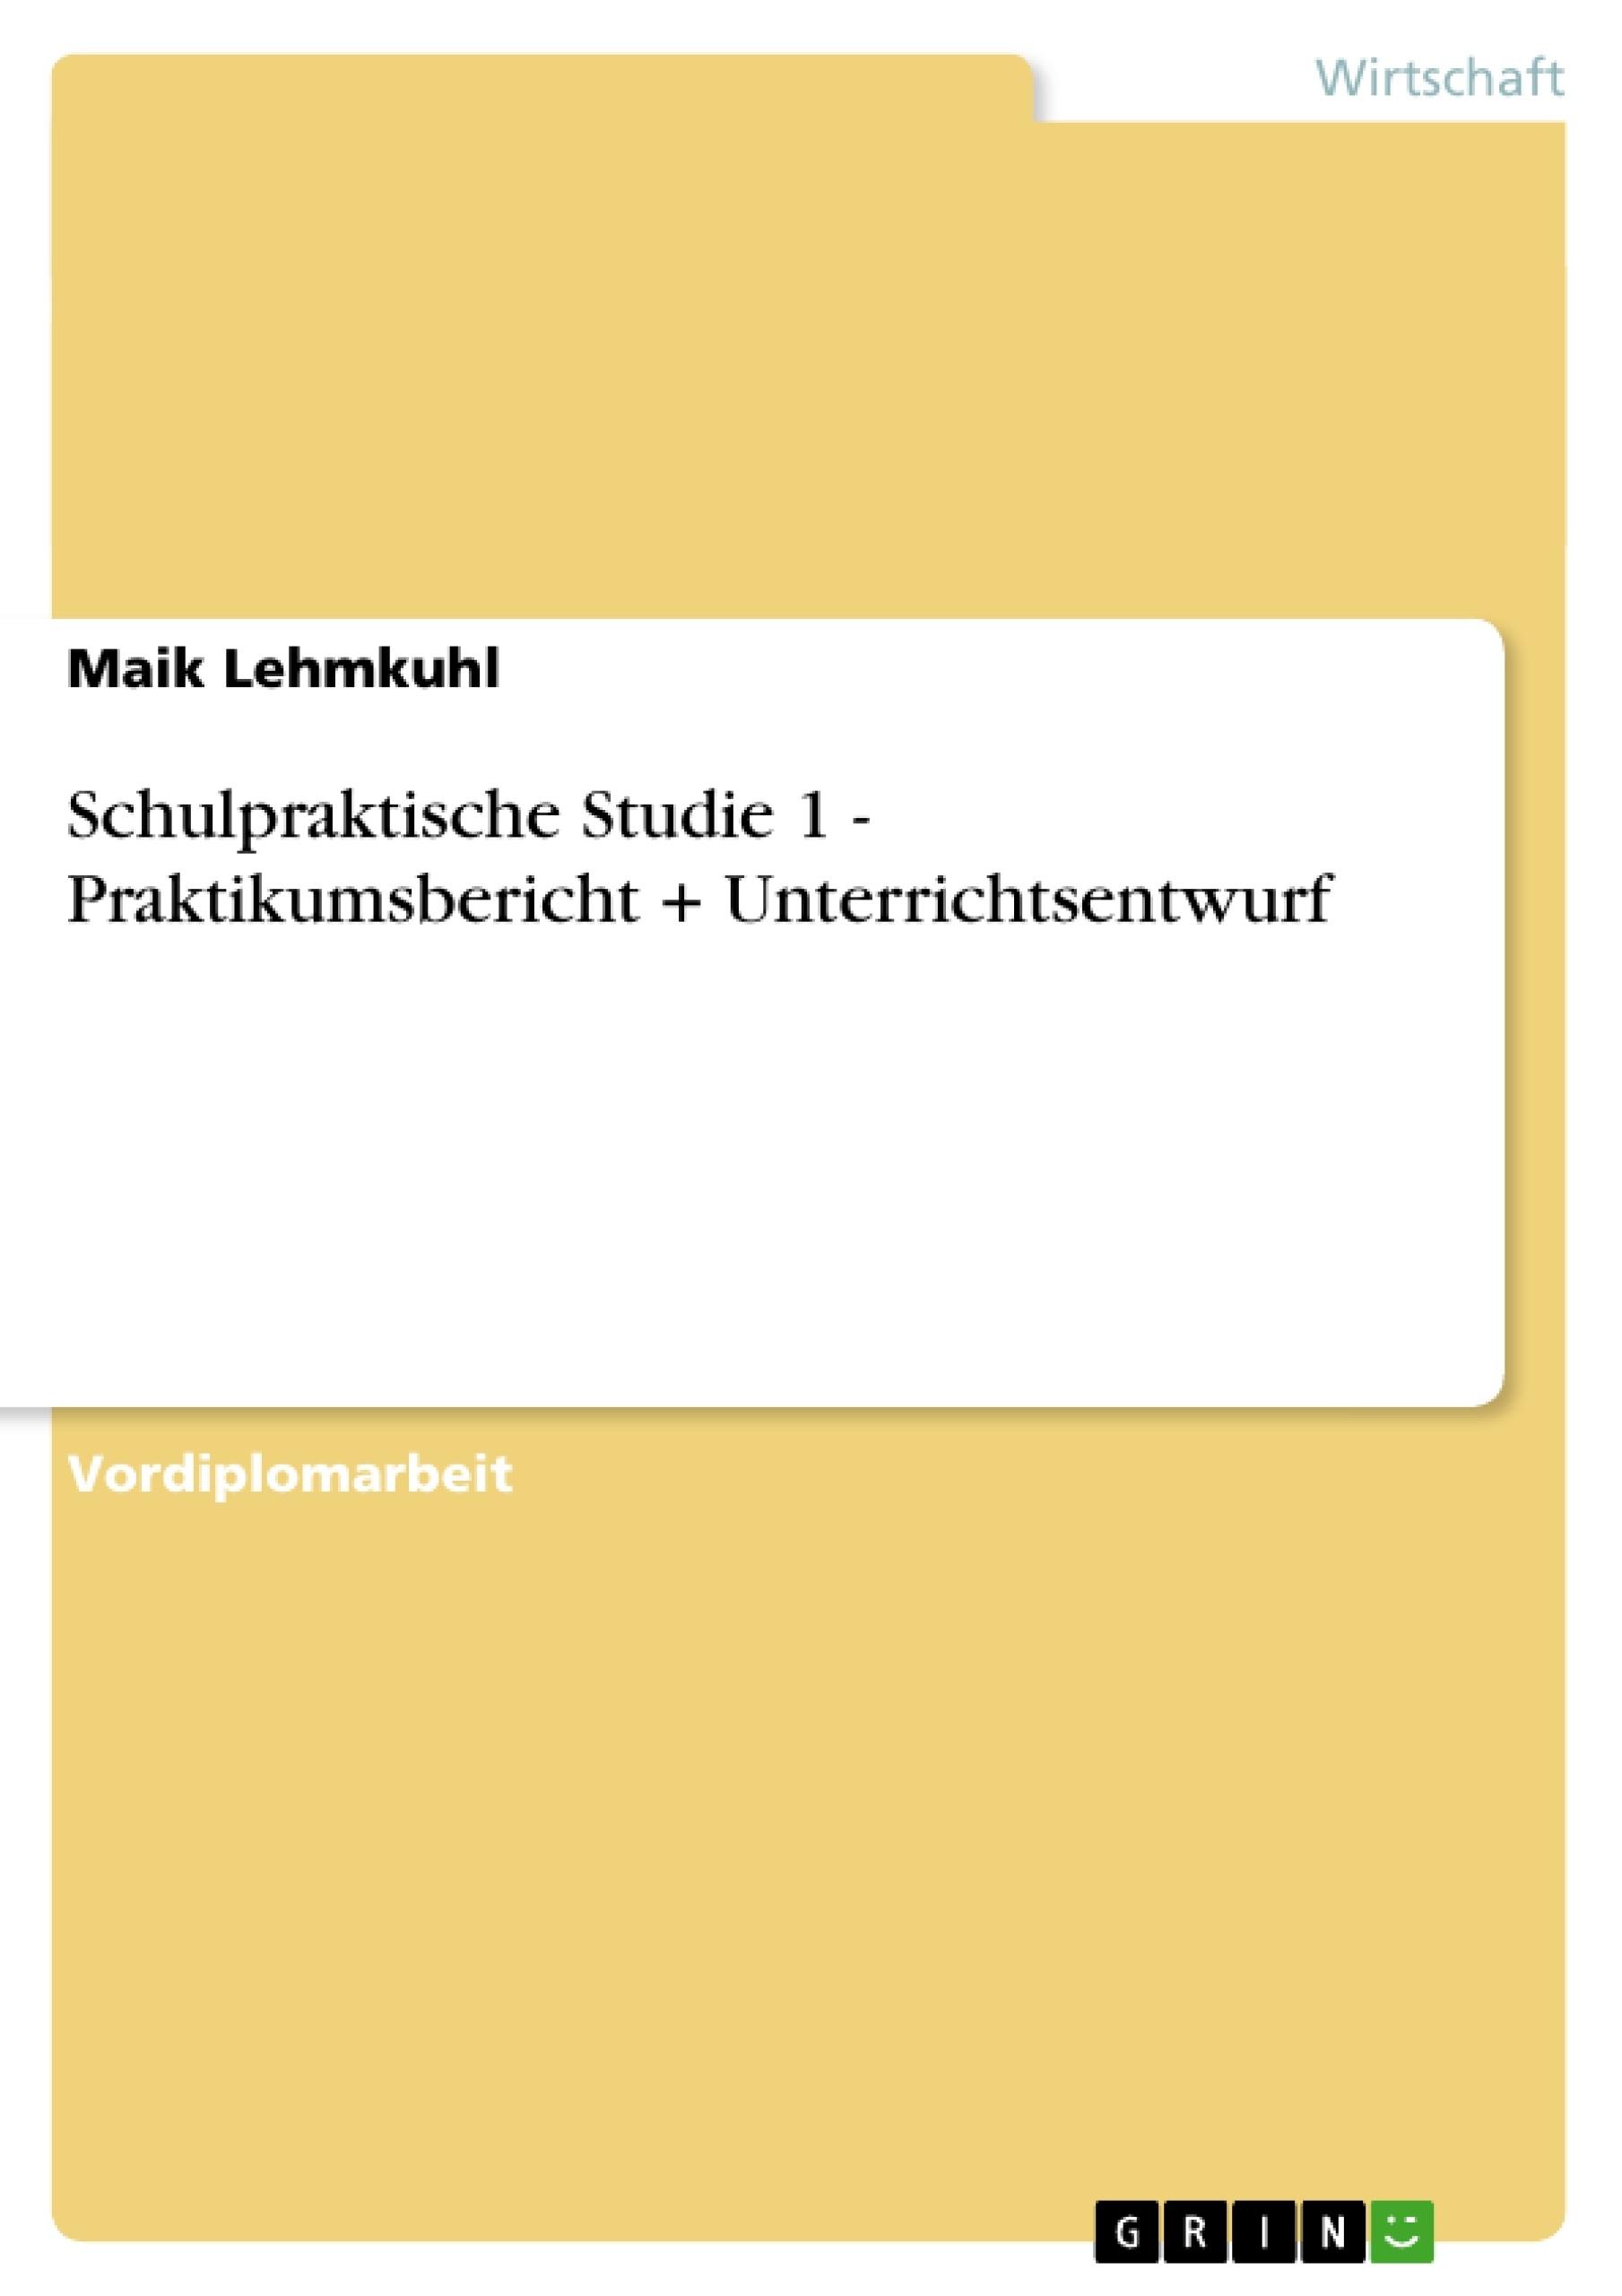 Titel: Schulpraktische Studie 1 - Praktikumsbericht + Unterrichtsentwurf